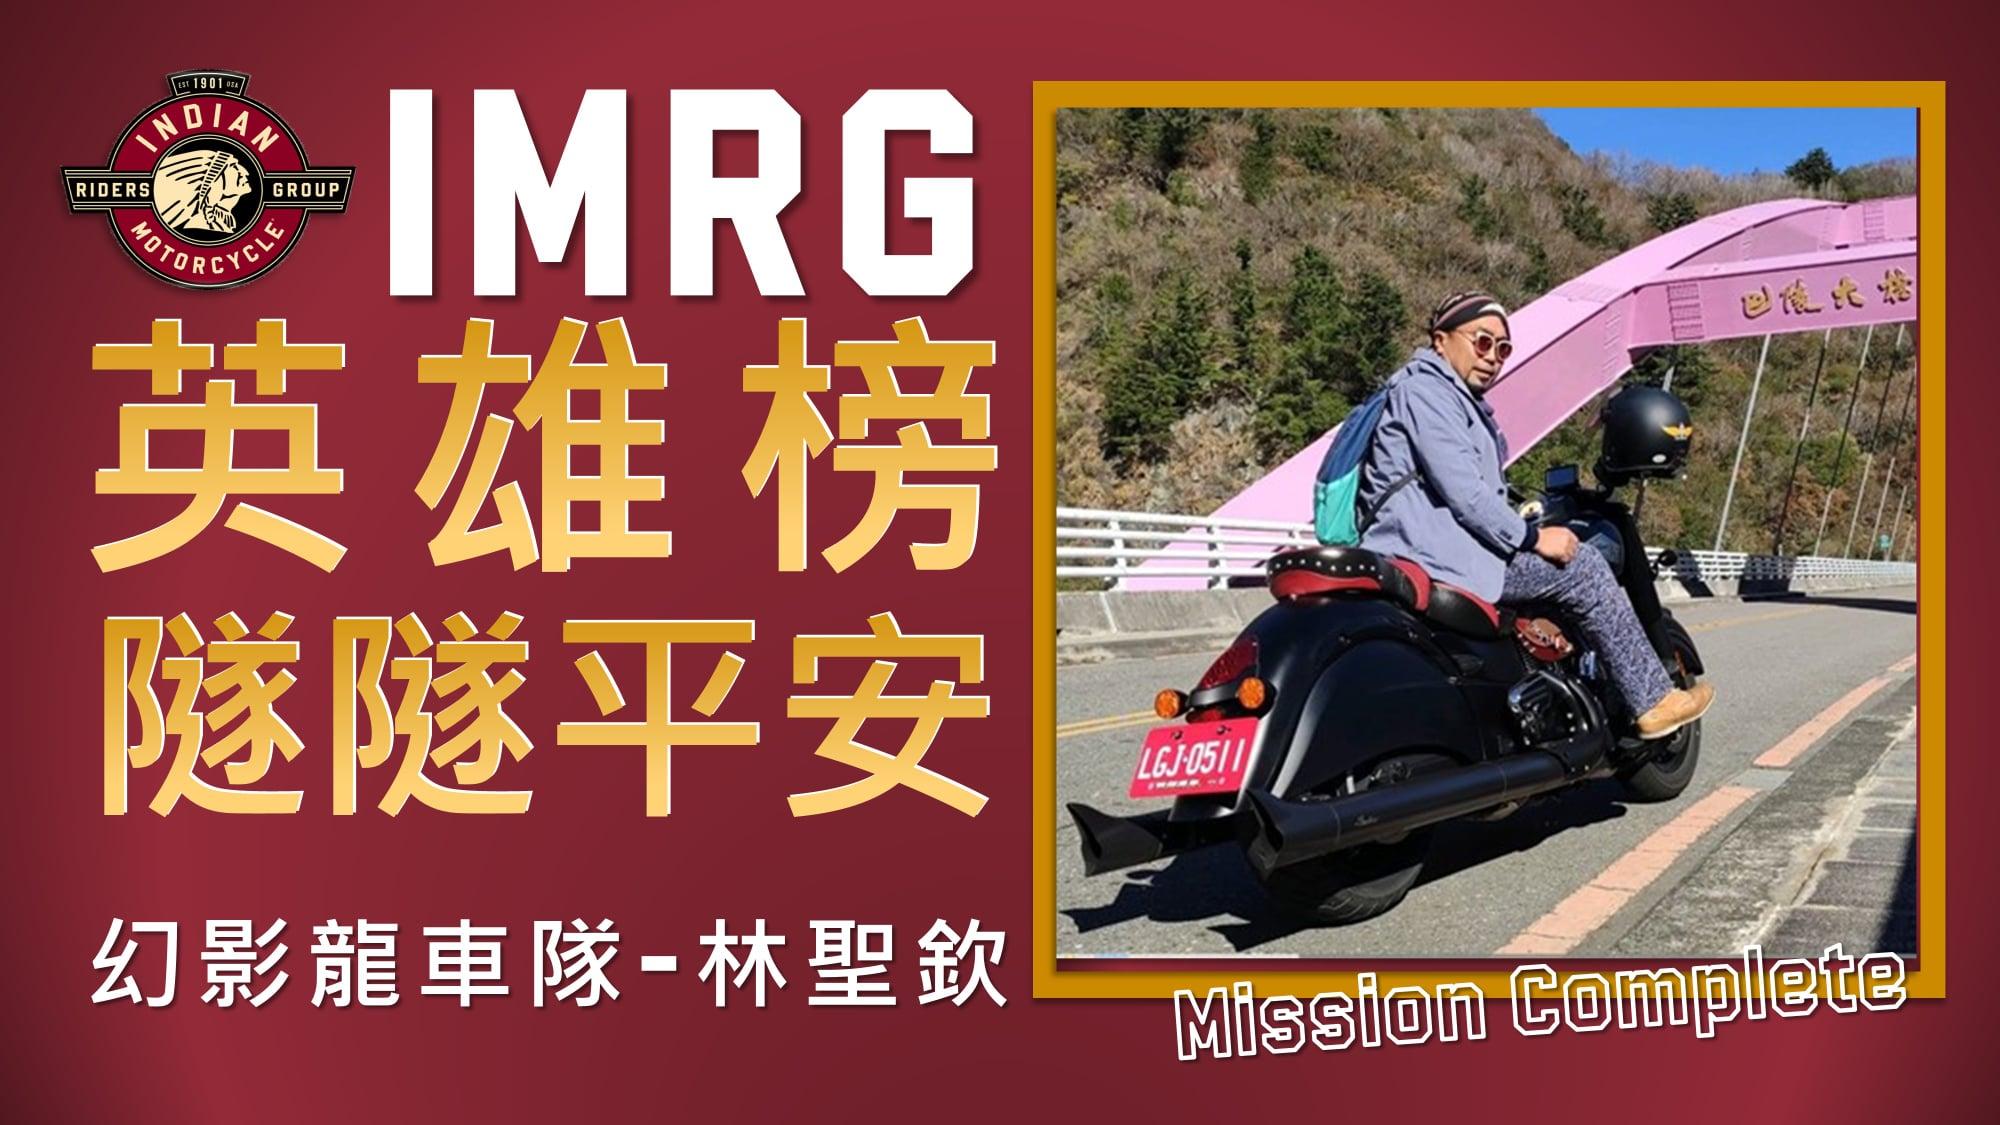 [ 英雄榜 ] 2021年08月31日 - 幻影龍車隊 - 林聖欽 - 隧隧平安挑戰賽